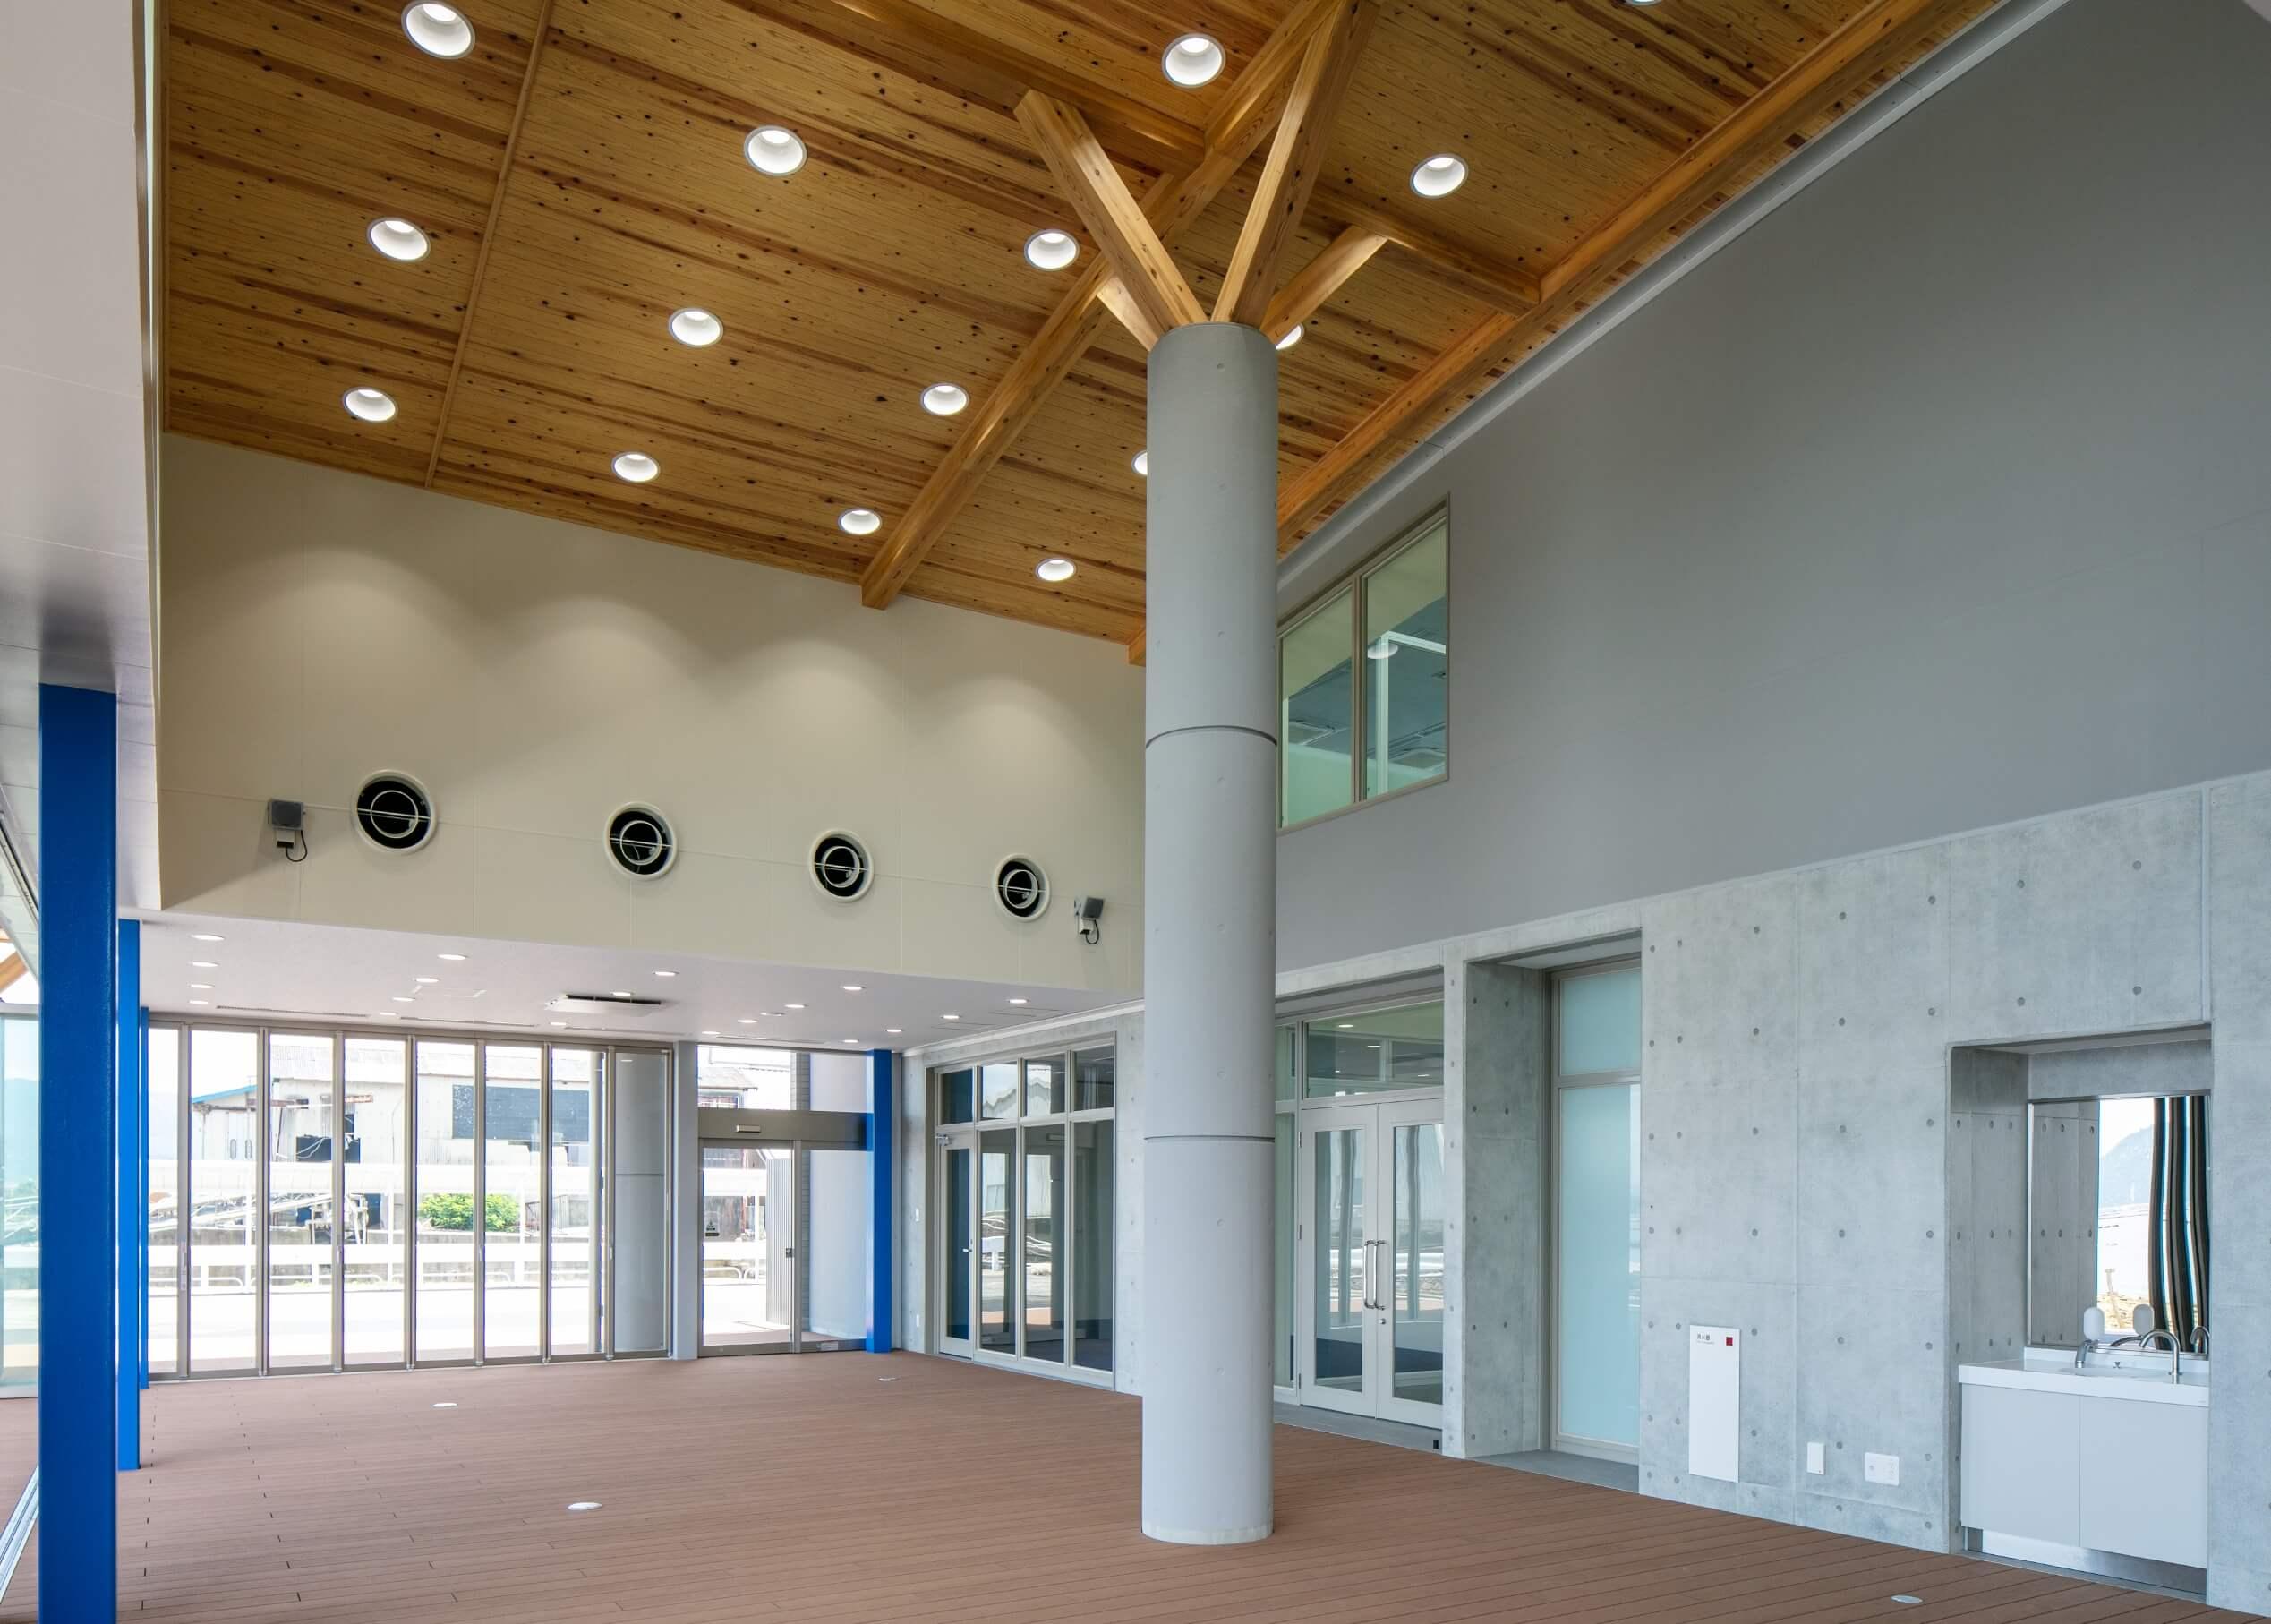 木造建築の施工事例:三高港ターミナル 7枚目